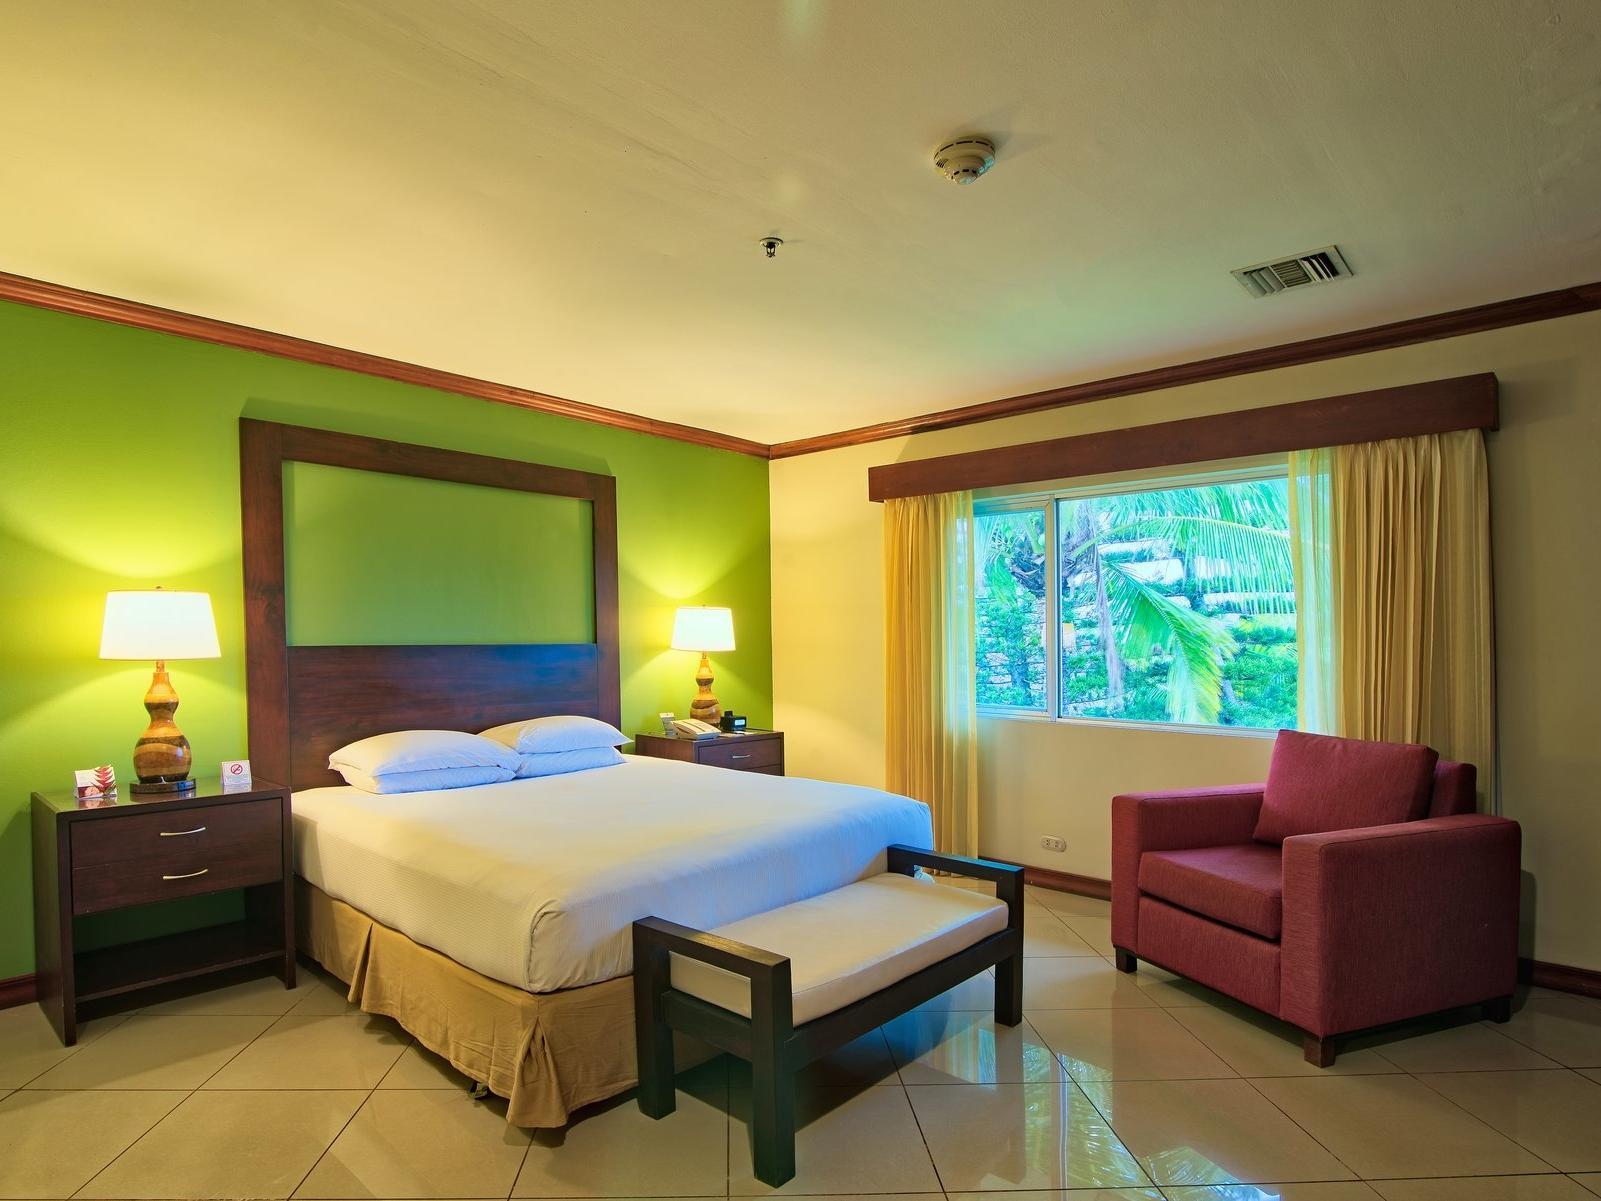 Long space fiesta presidential suite with window view at fiesta Resort